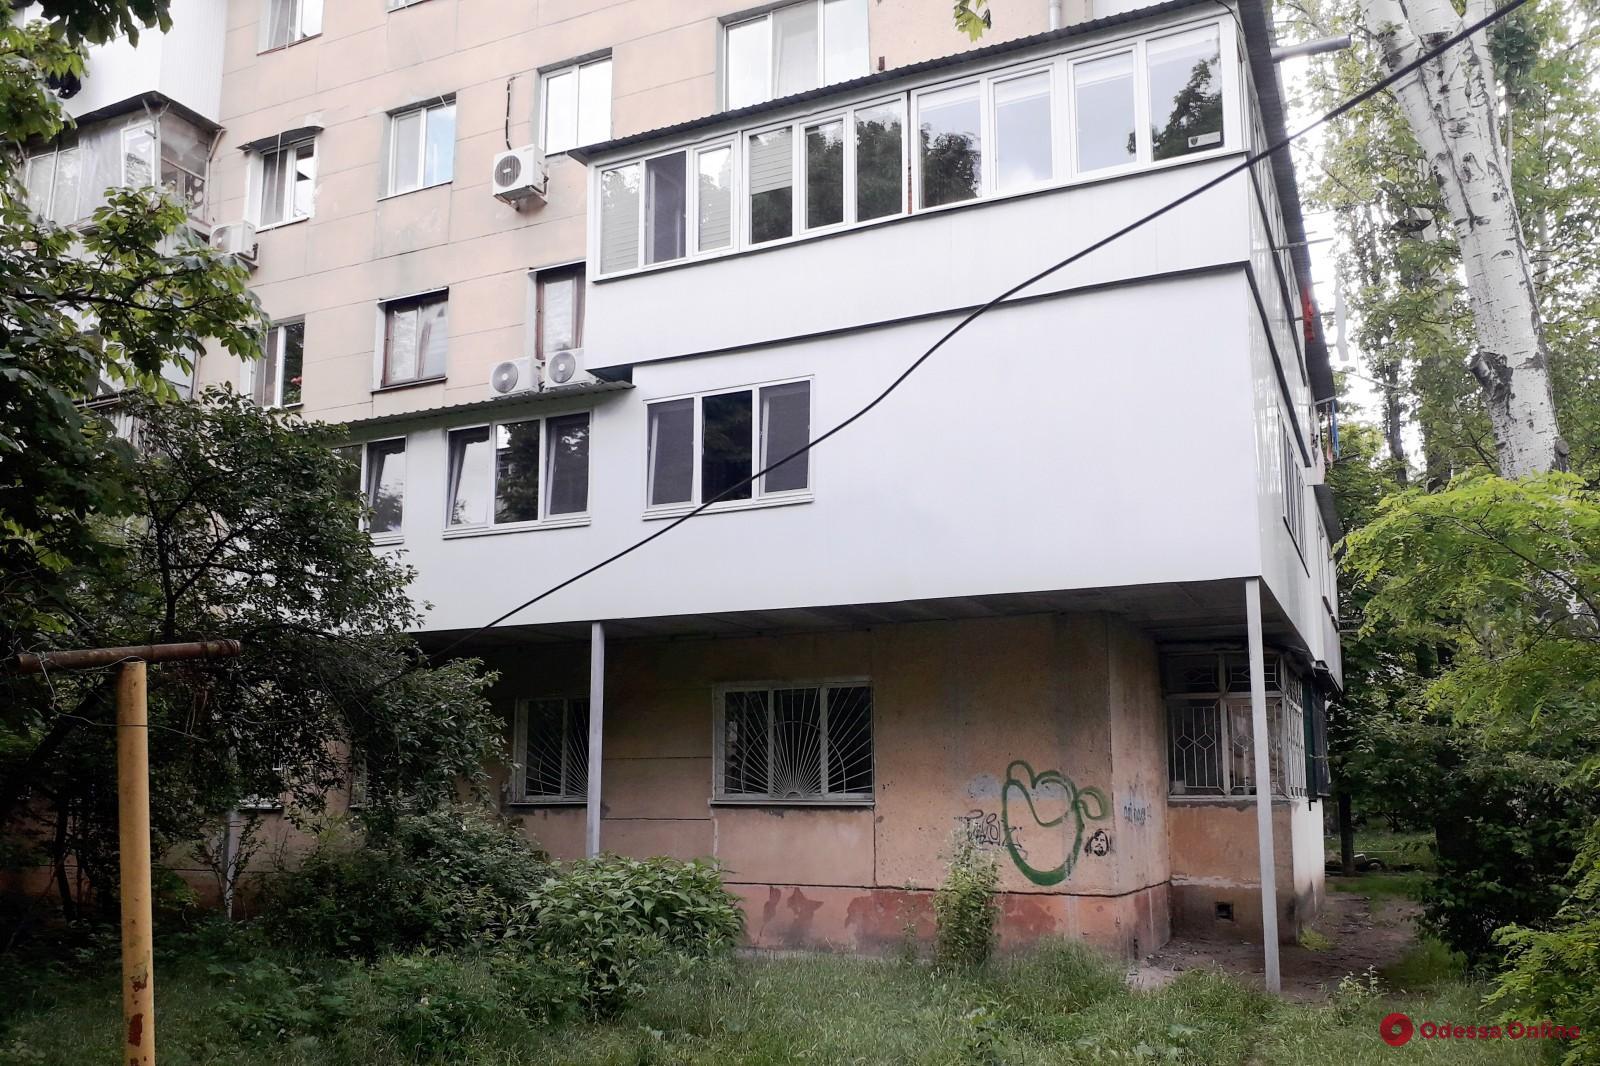 Одесса: ГАСК оштрафовал застройщиков на 108 тысяч